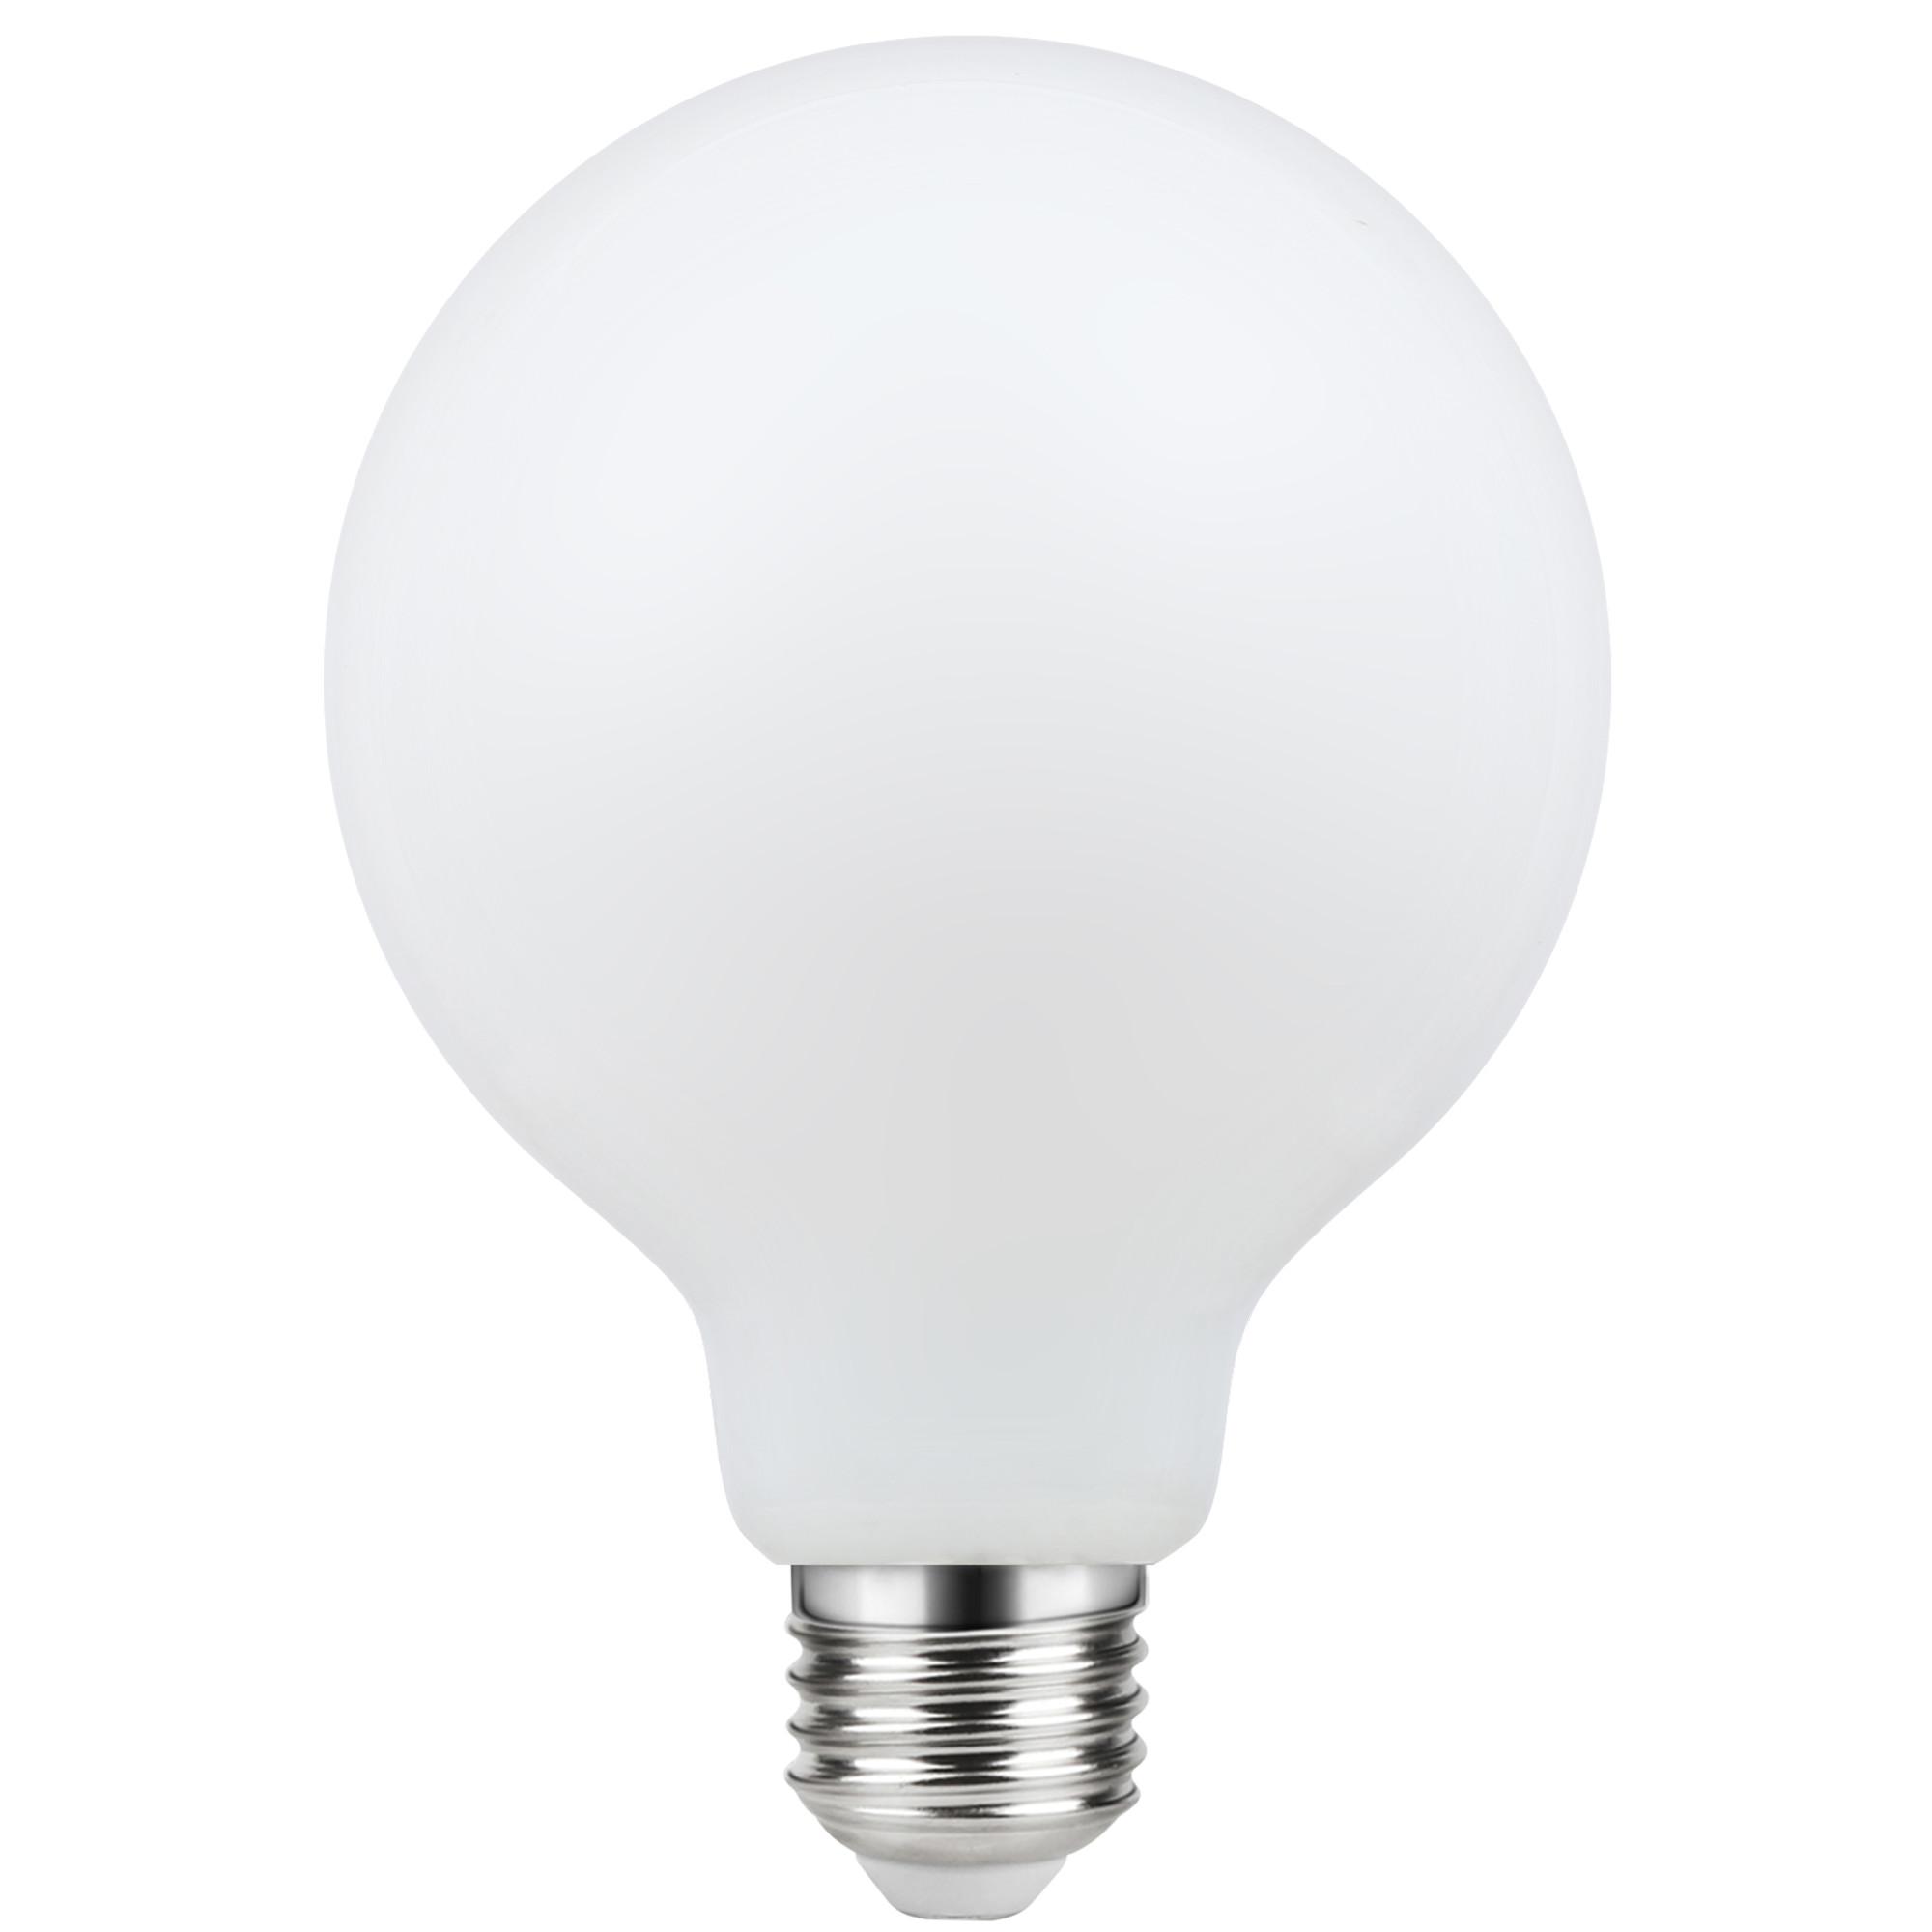 Лампа светодиодная филаментная Lexman E27 220 В 8.5 Вт шар матовый 1055 лм тёплый белый свет